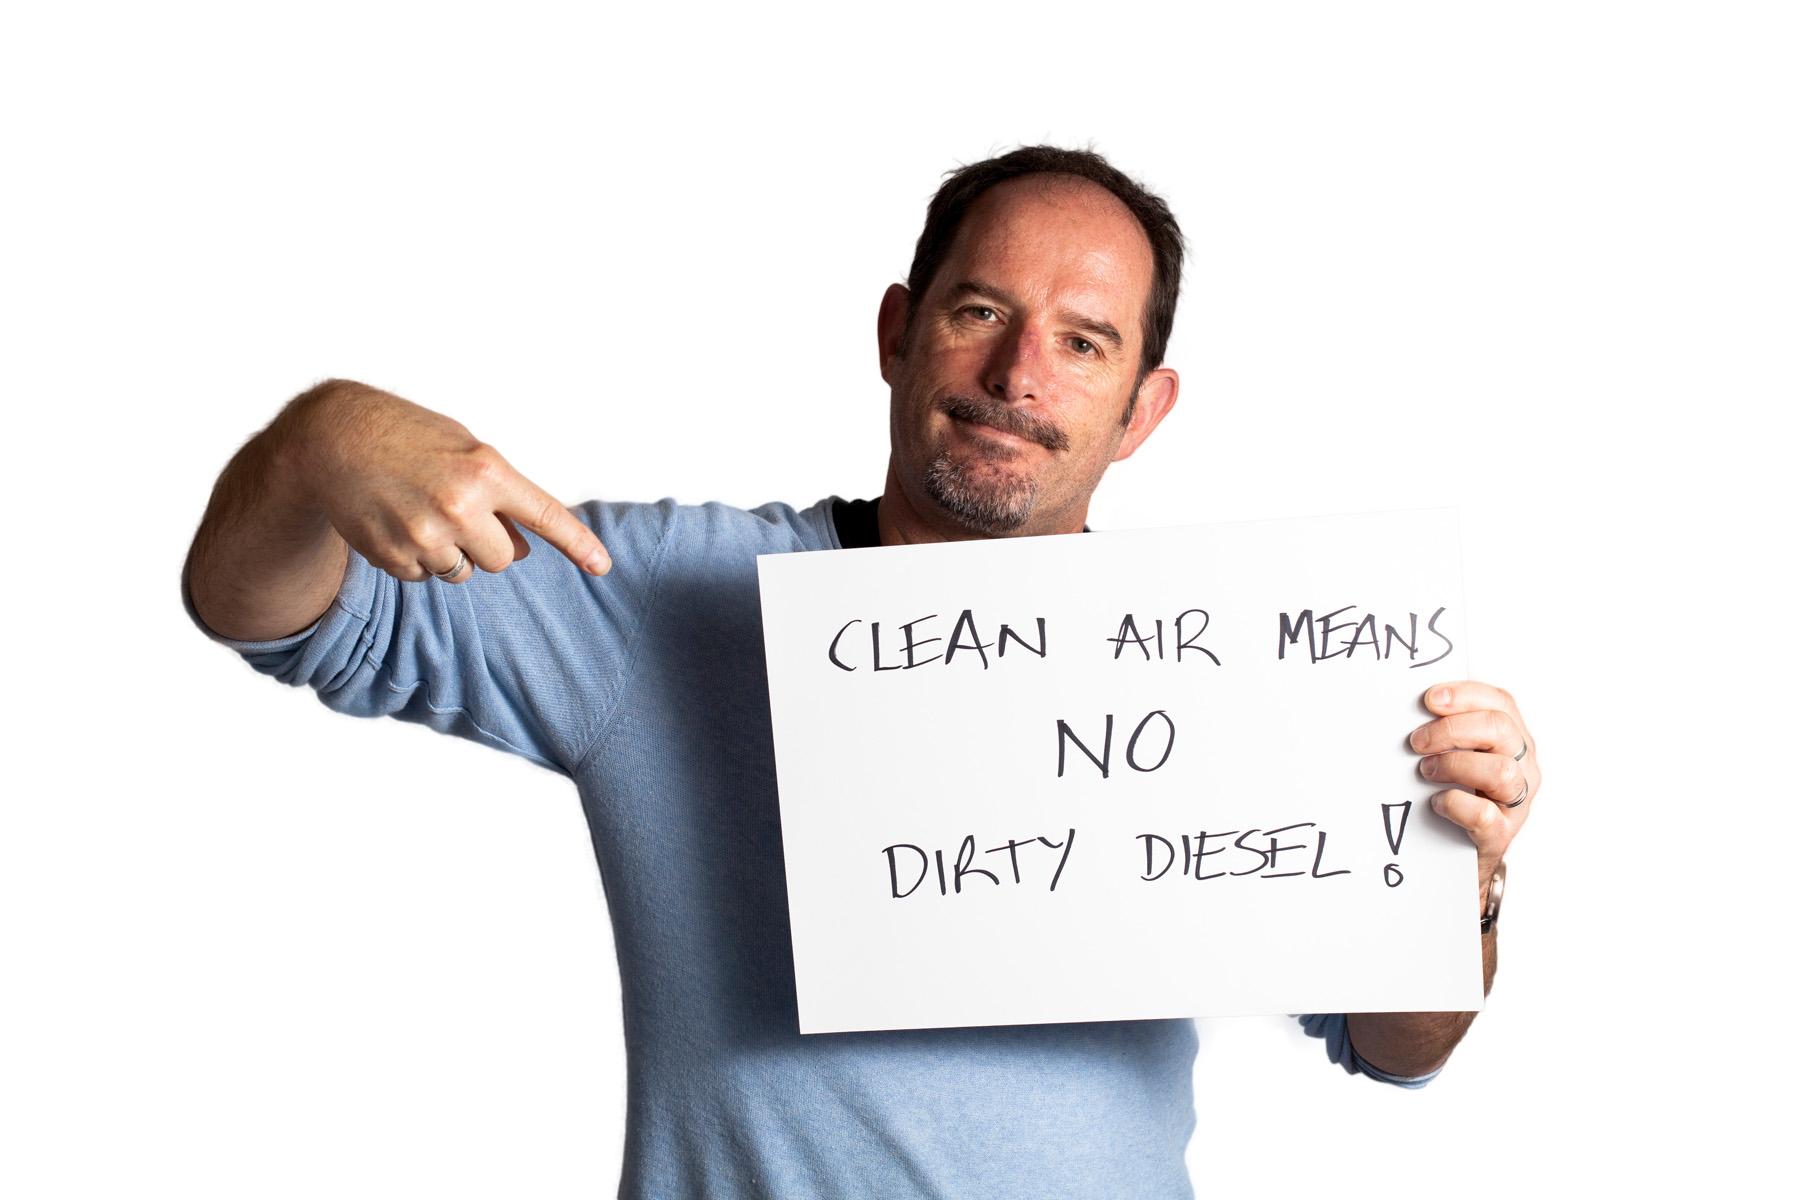 clean_air_no_dirty_diesel.jpg